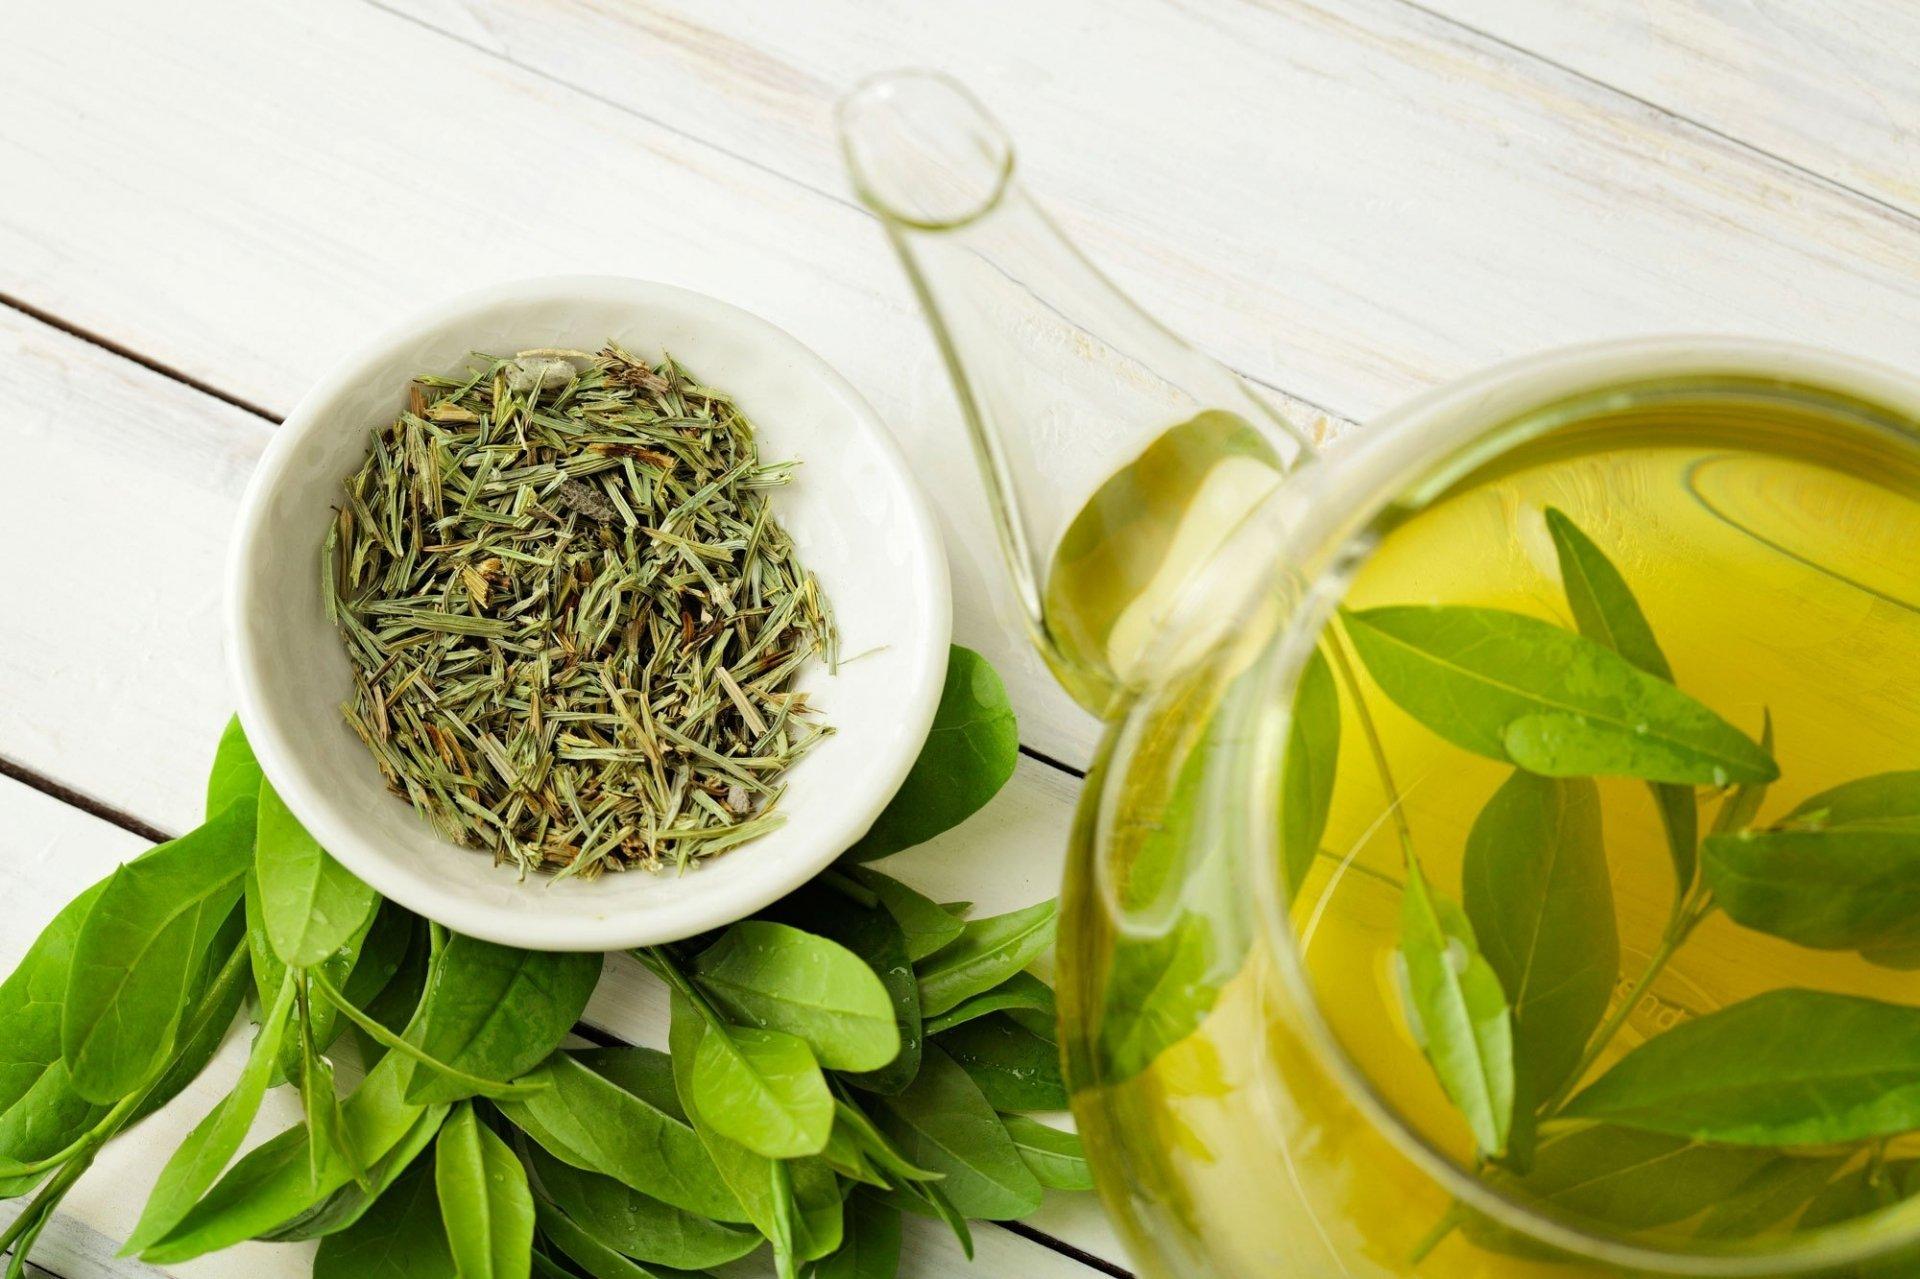 Bị viêm lợi nên sử dụng trà xanh hàng ngày